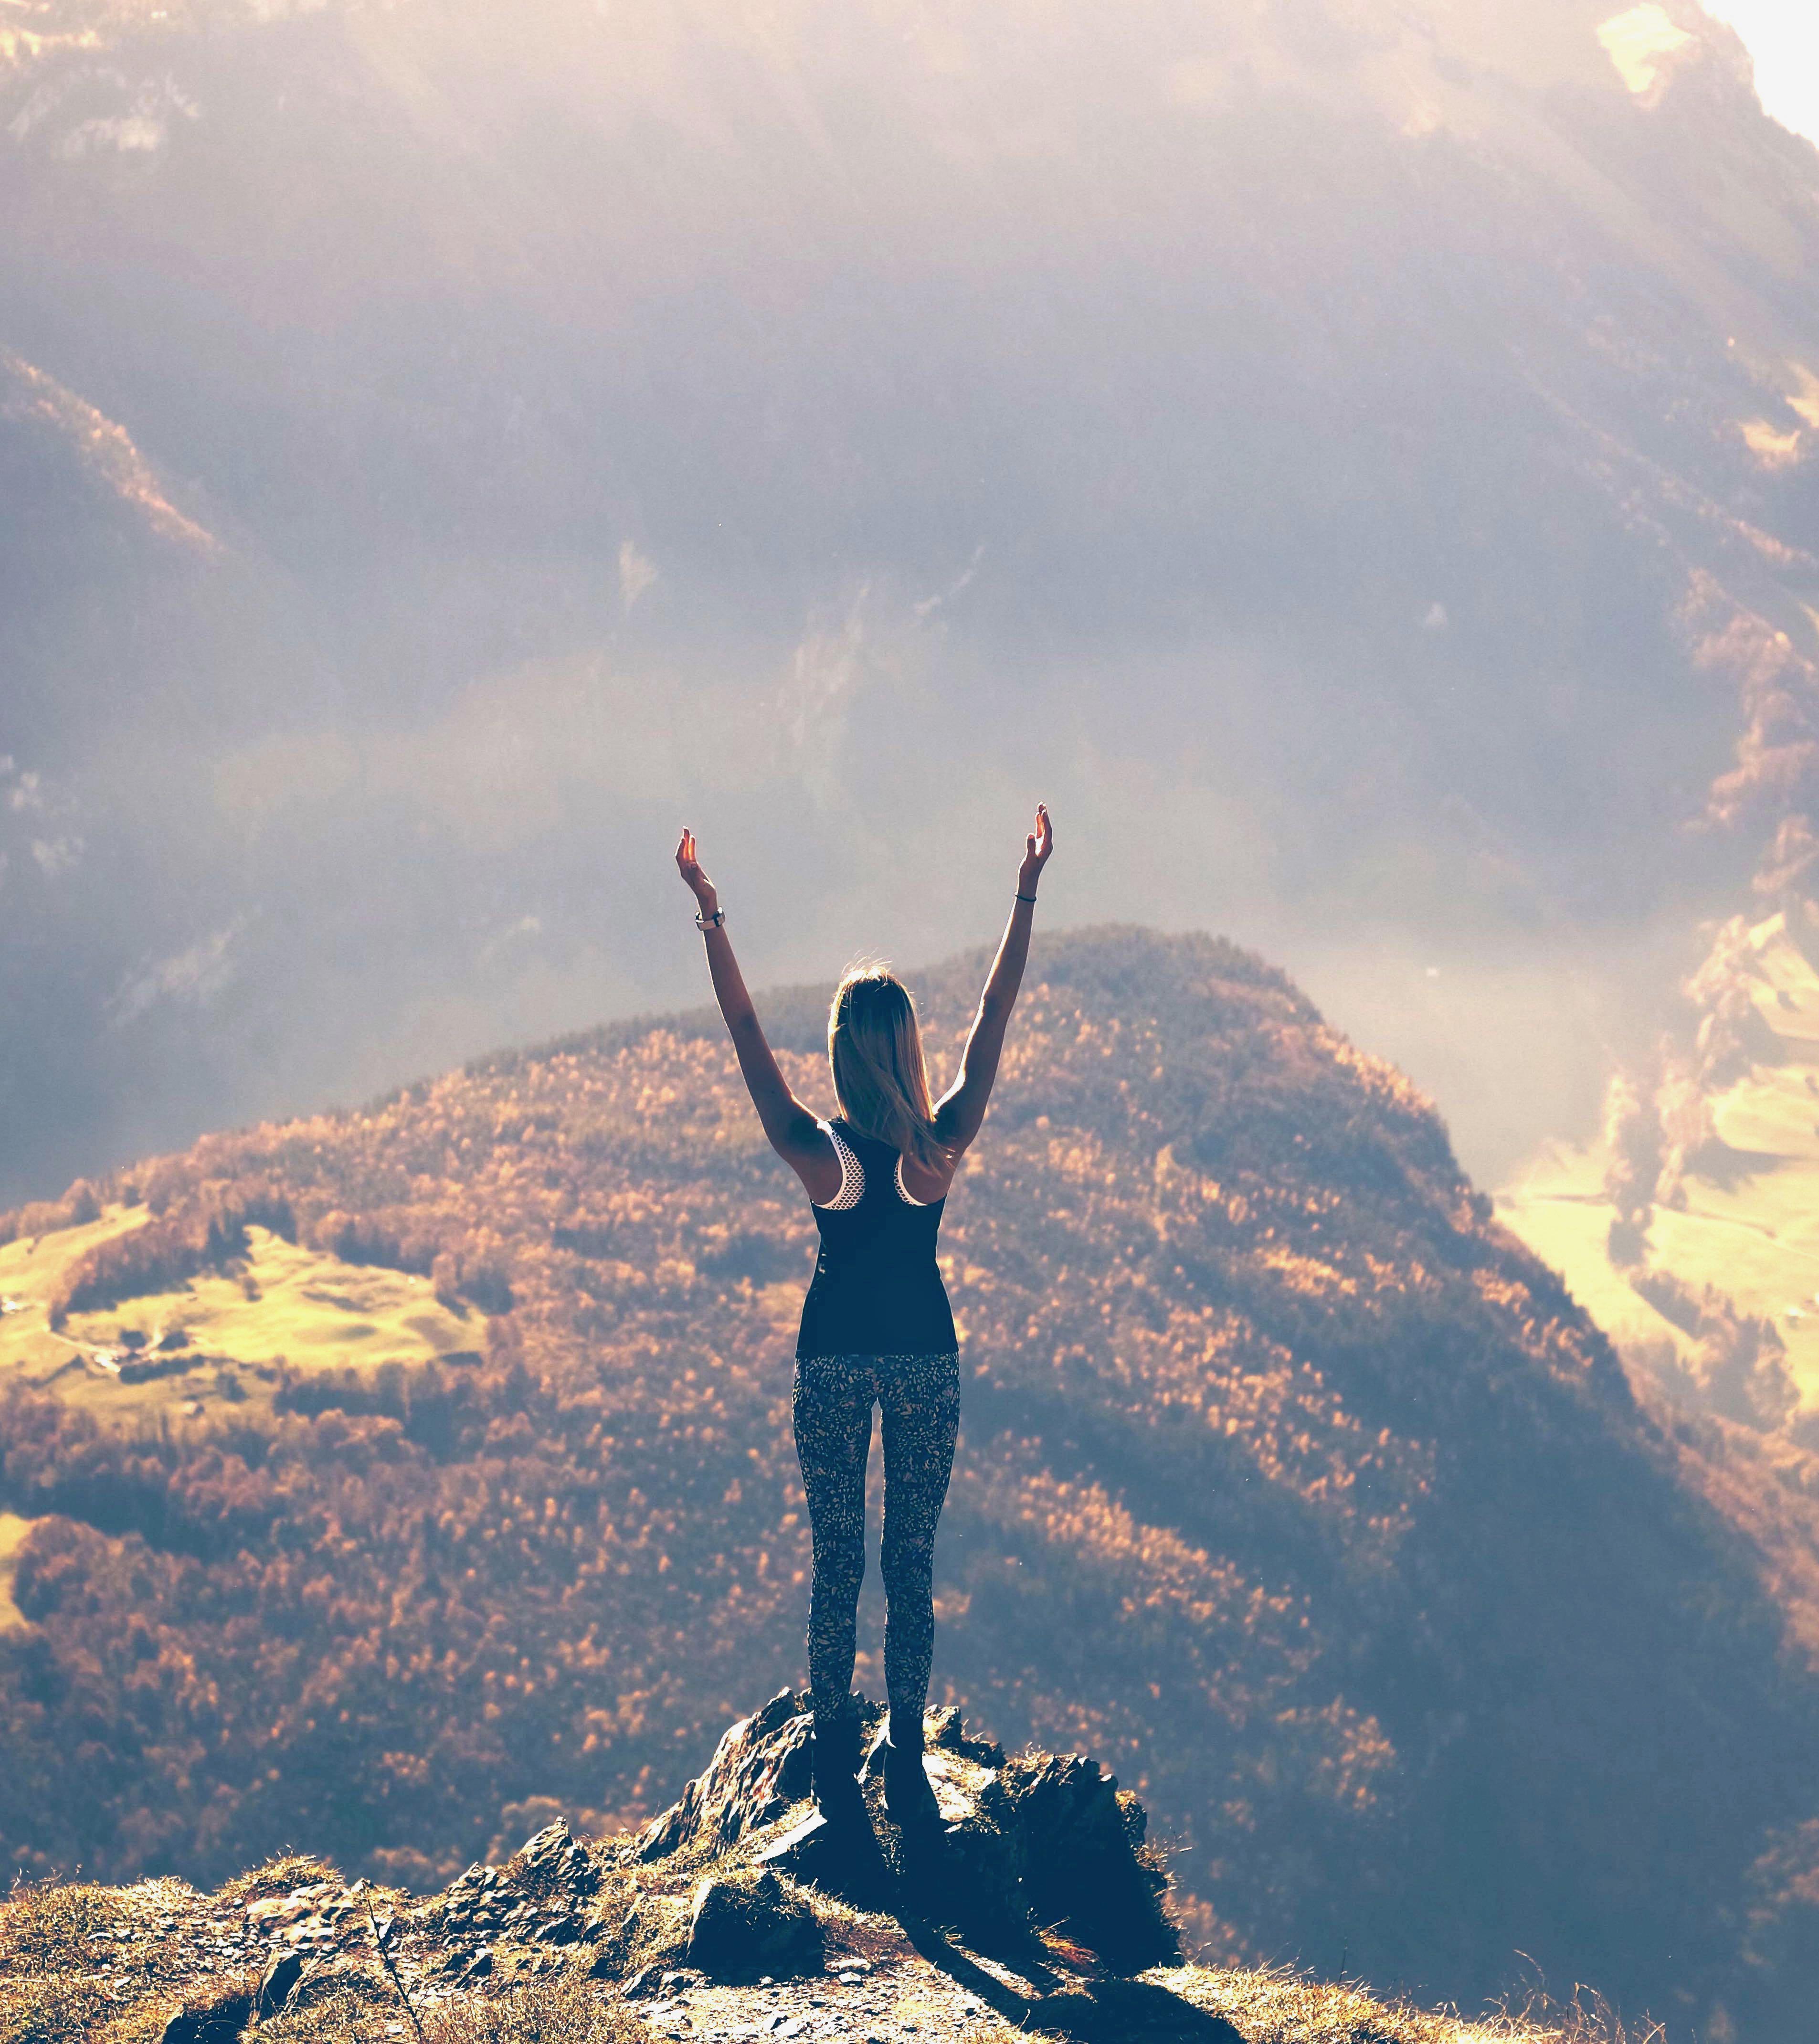 Das Streben nach Passion und Bestimmung im Leben